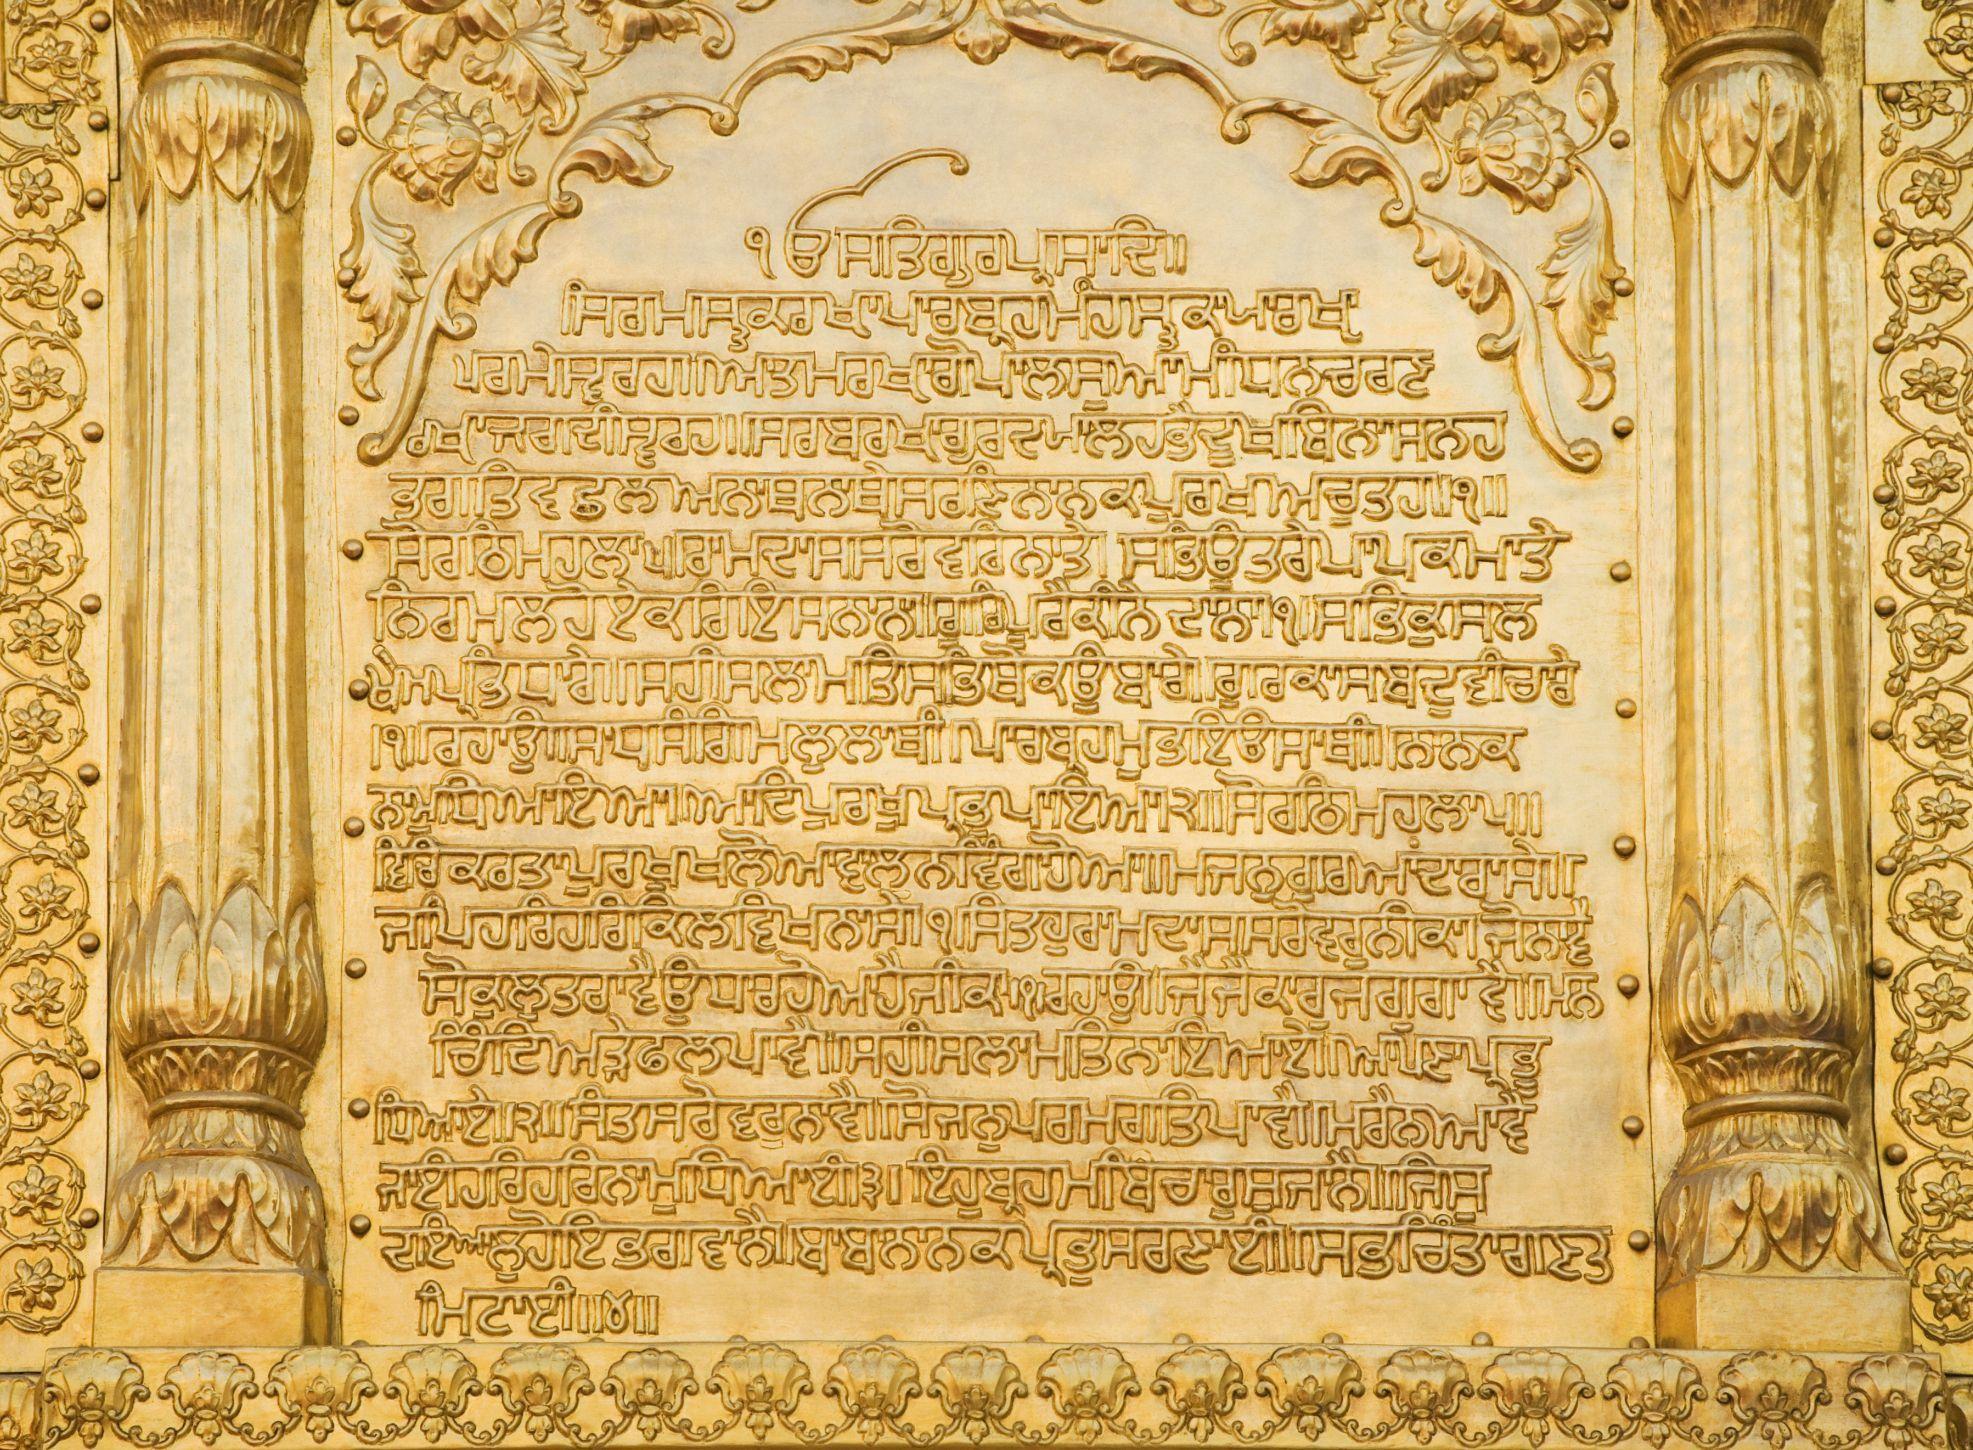 sikhism holy book information